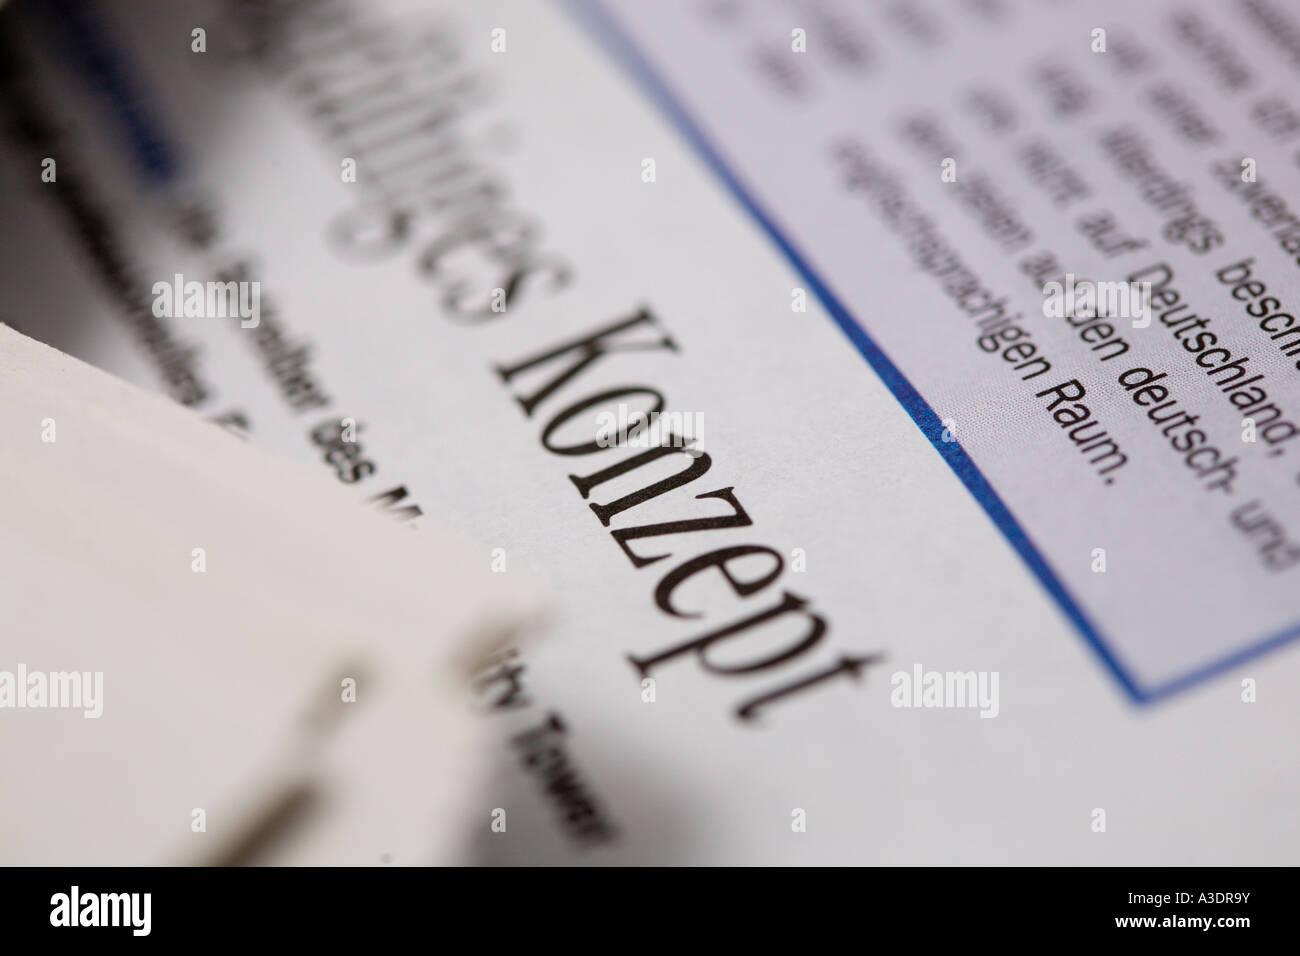 Press Clipping mit Konzept-Konzept mit dem Titel Stockbild